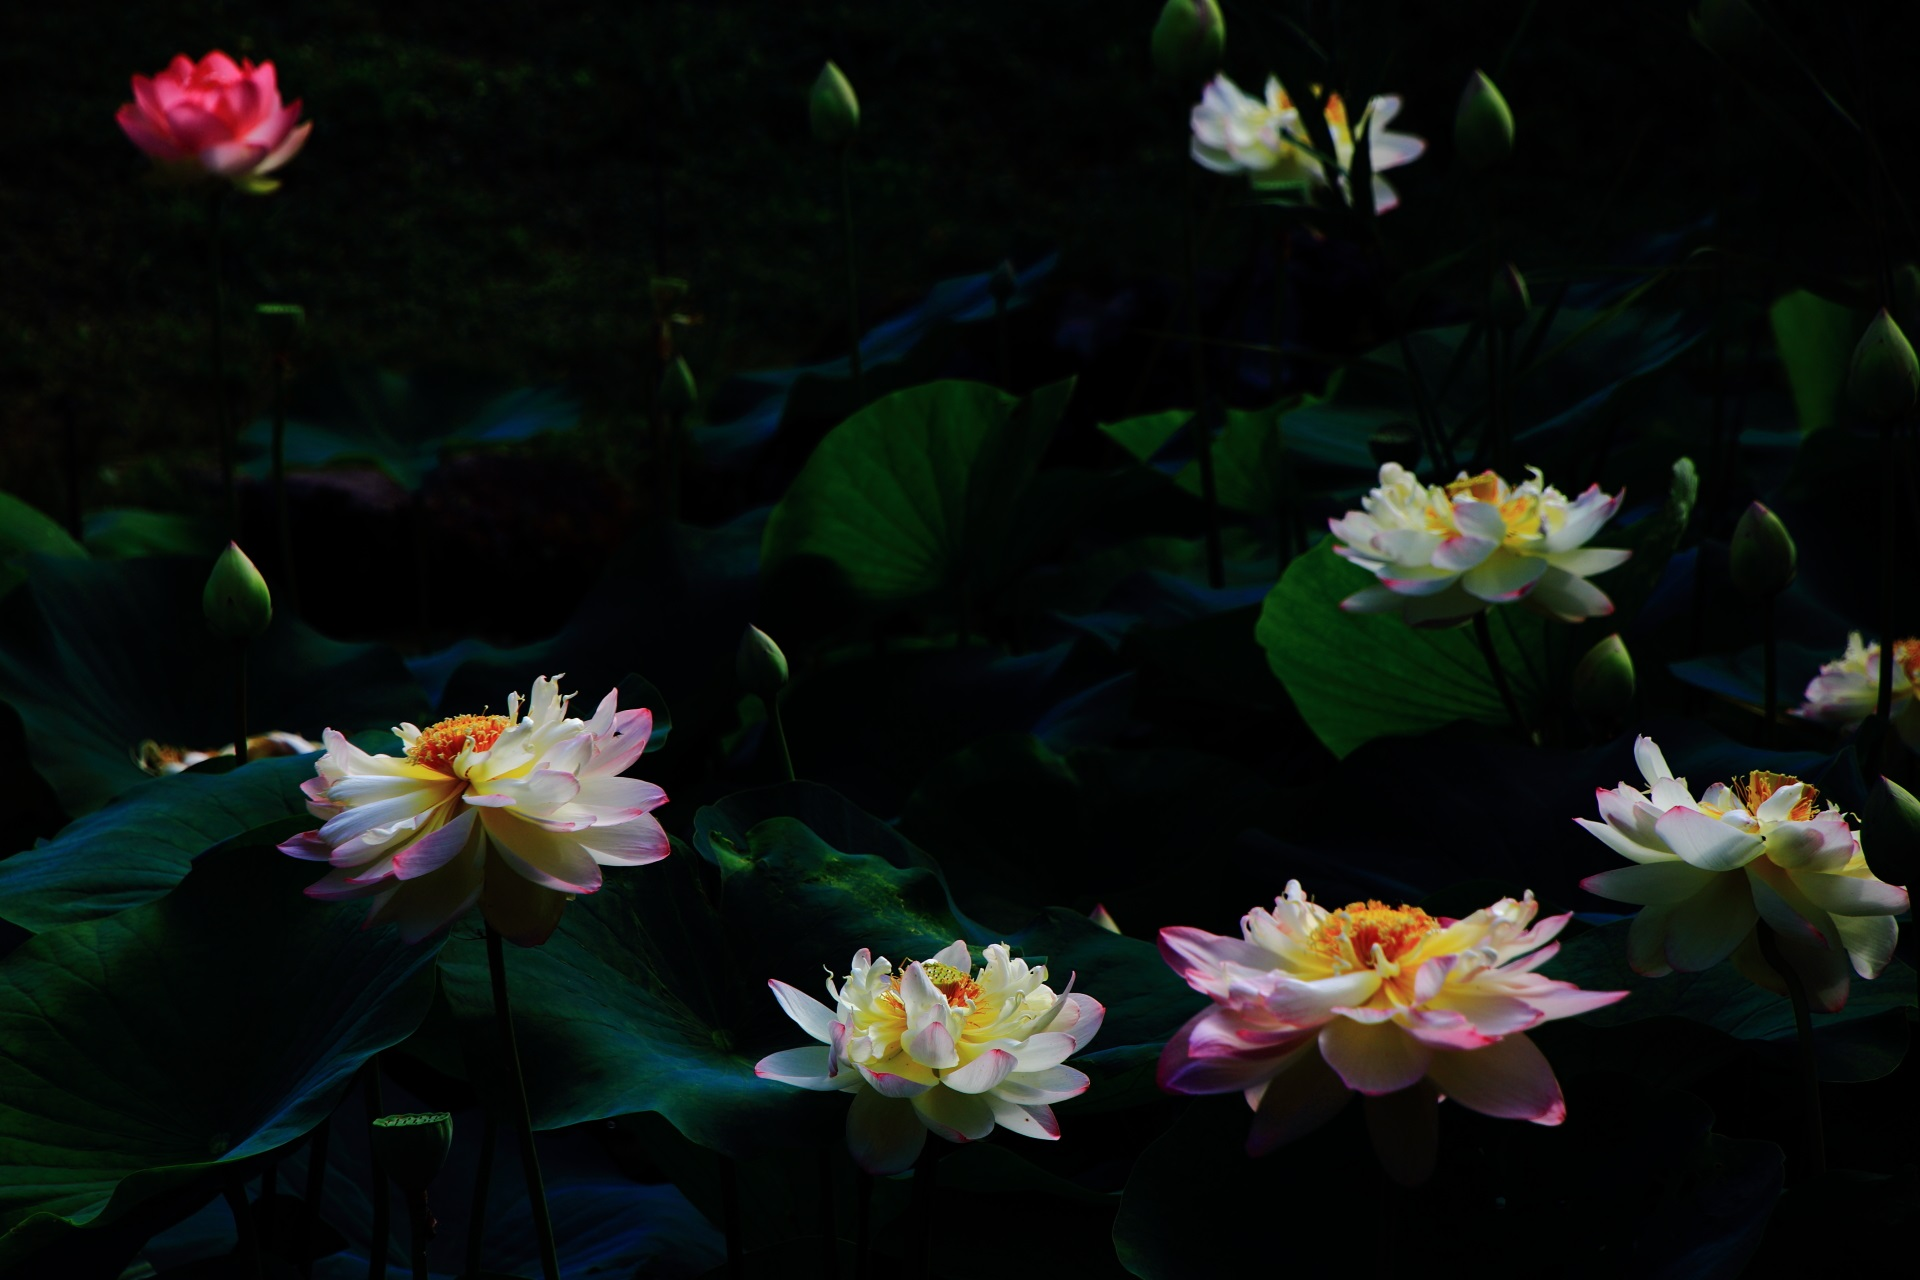 コントラスト強めの光る蓮の花